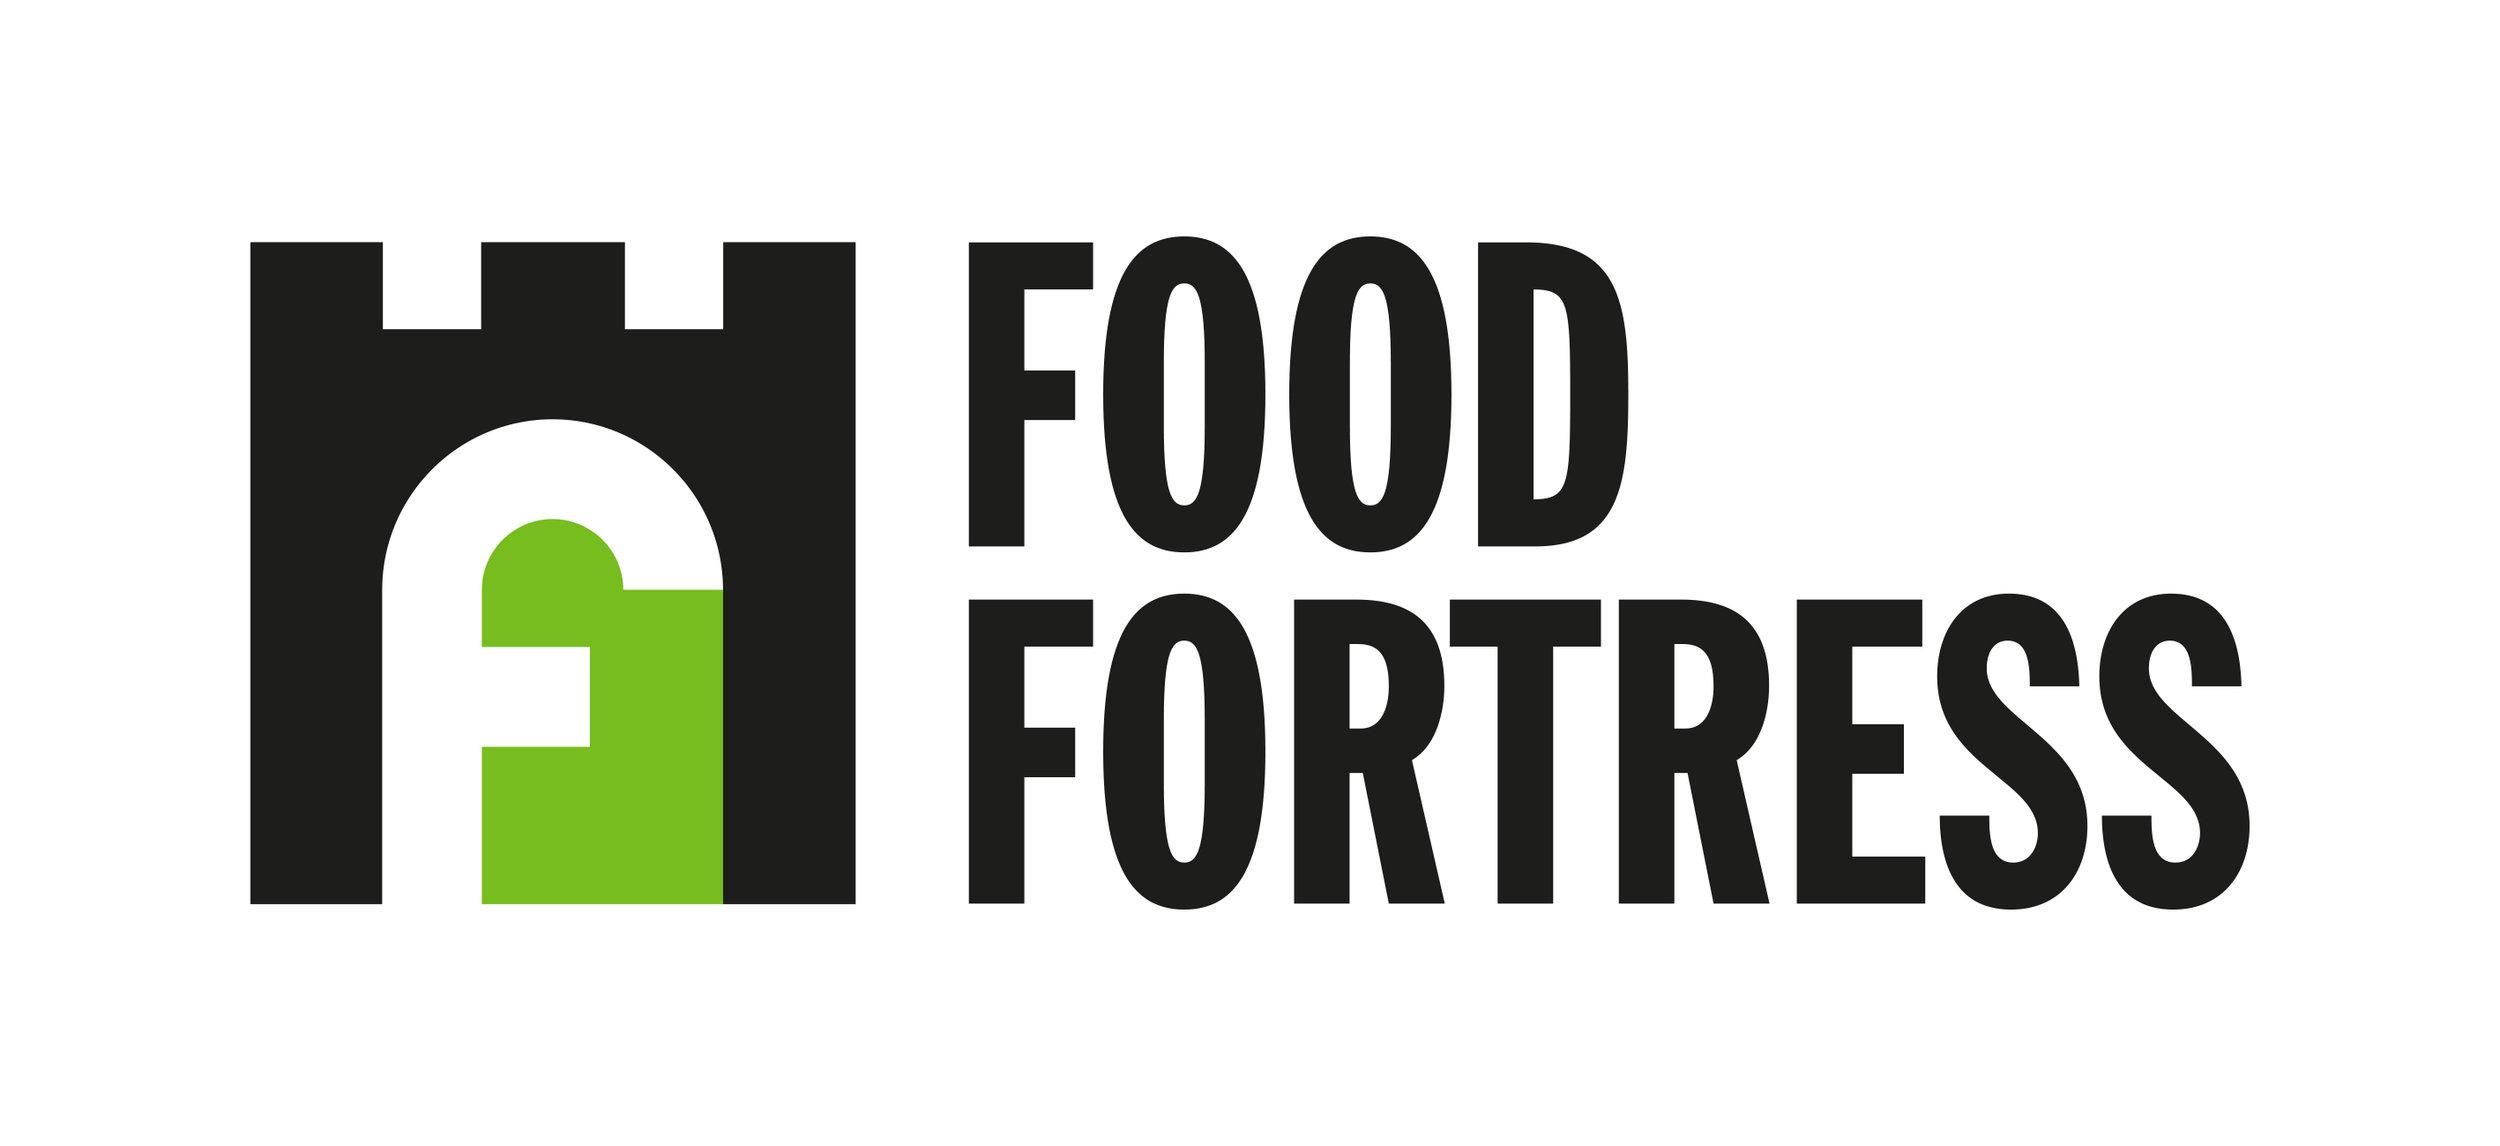 food-fortress-1.jpg